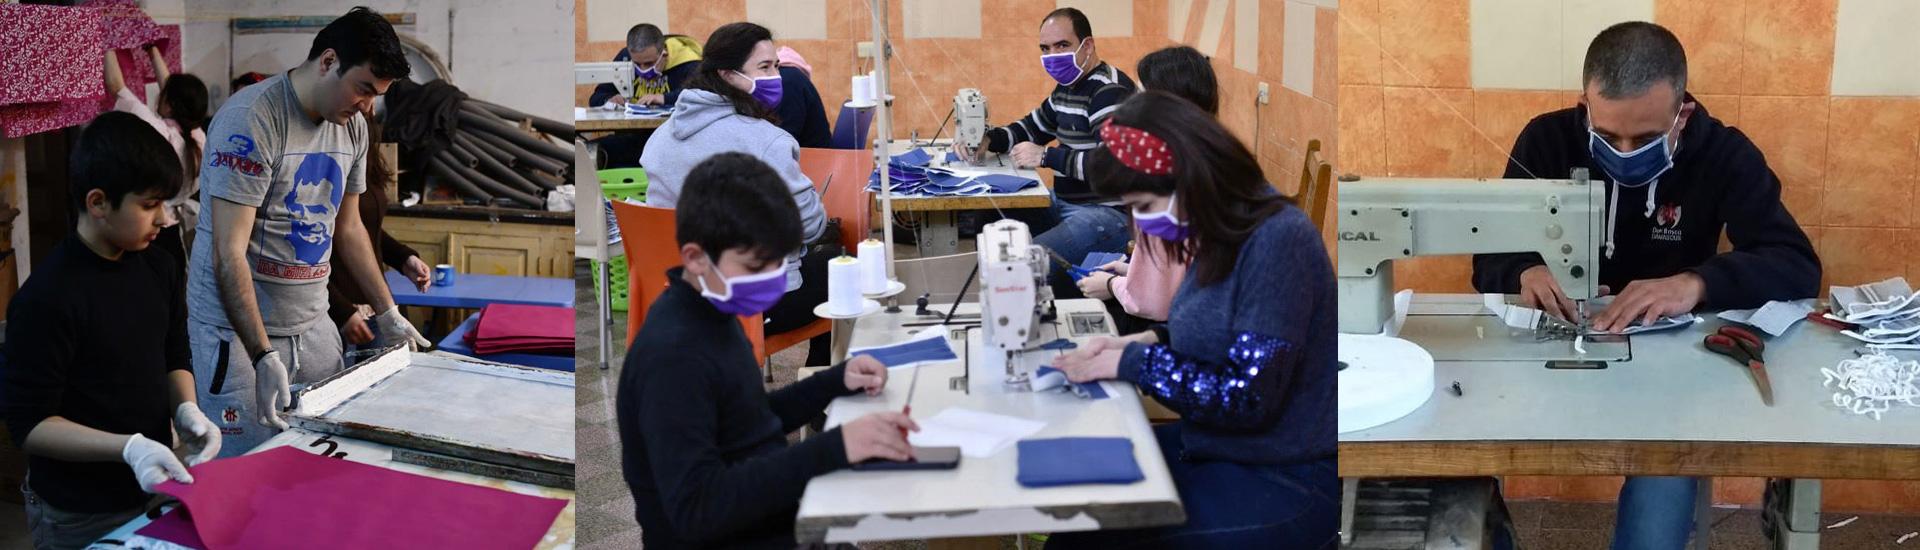 Fabricación de mascarillas Don Bosco en el corazón de Alepo para prevenir los contagios por coronavirus